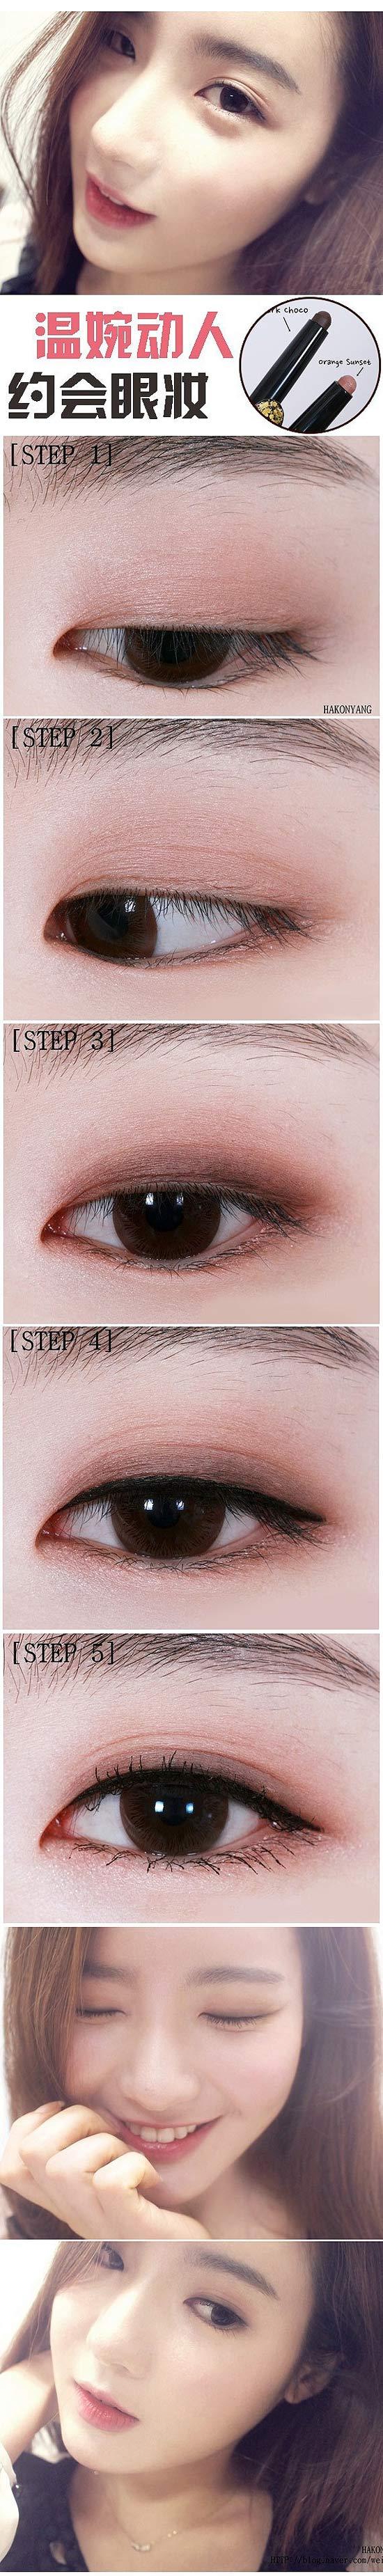 วิธีการแต่งตาโทนสีน้ำตาล